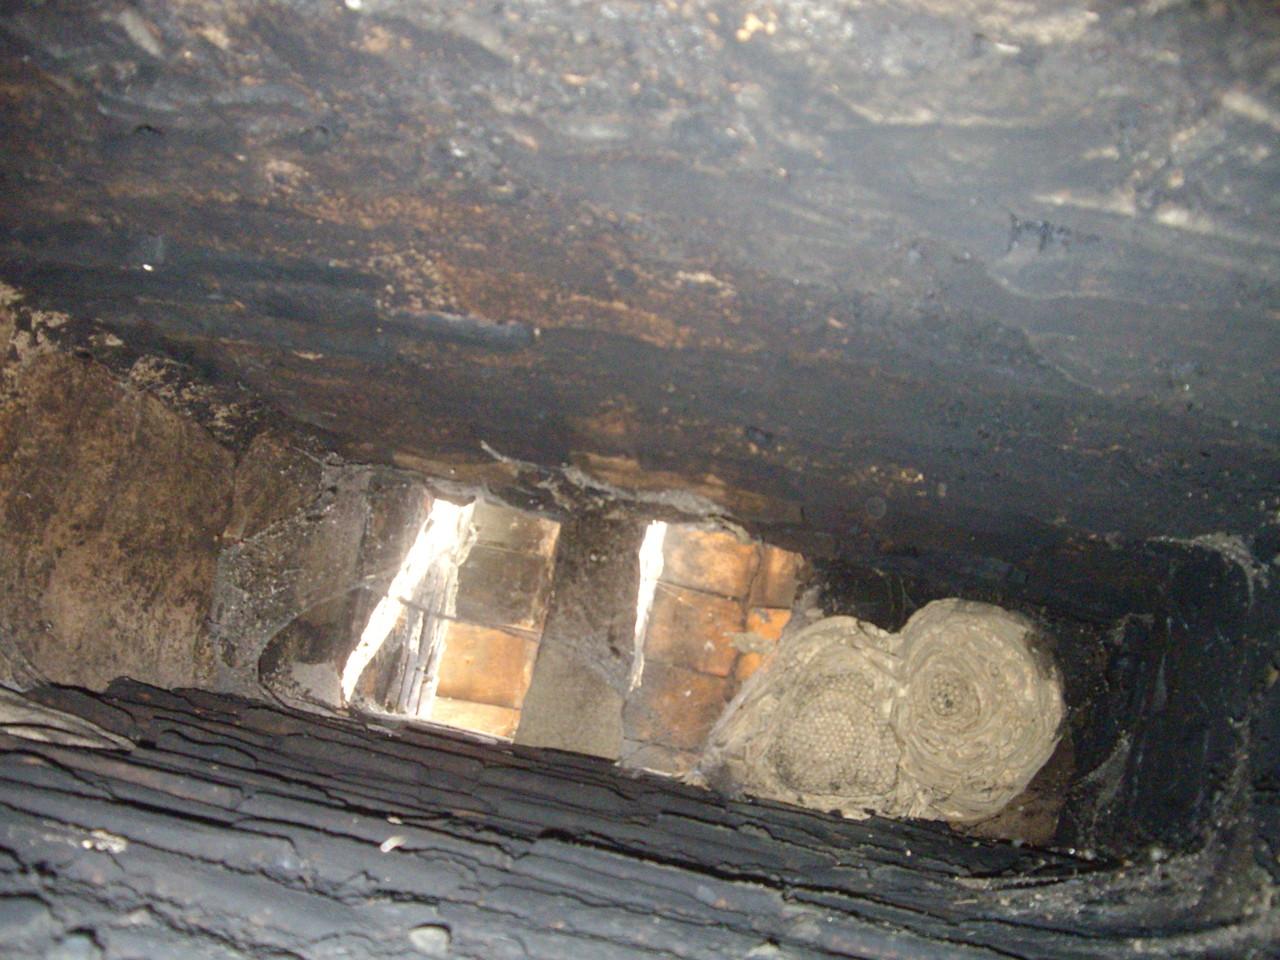 Nid de Guêpes dans conduit de cheminée